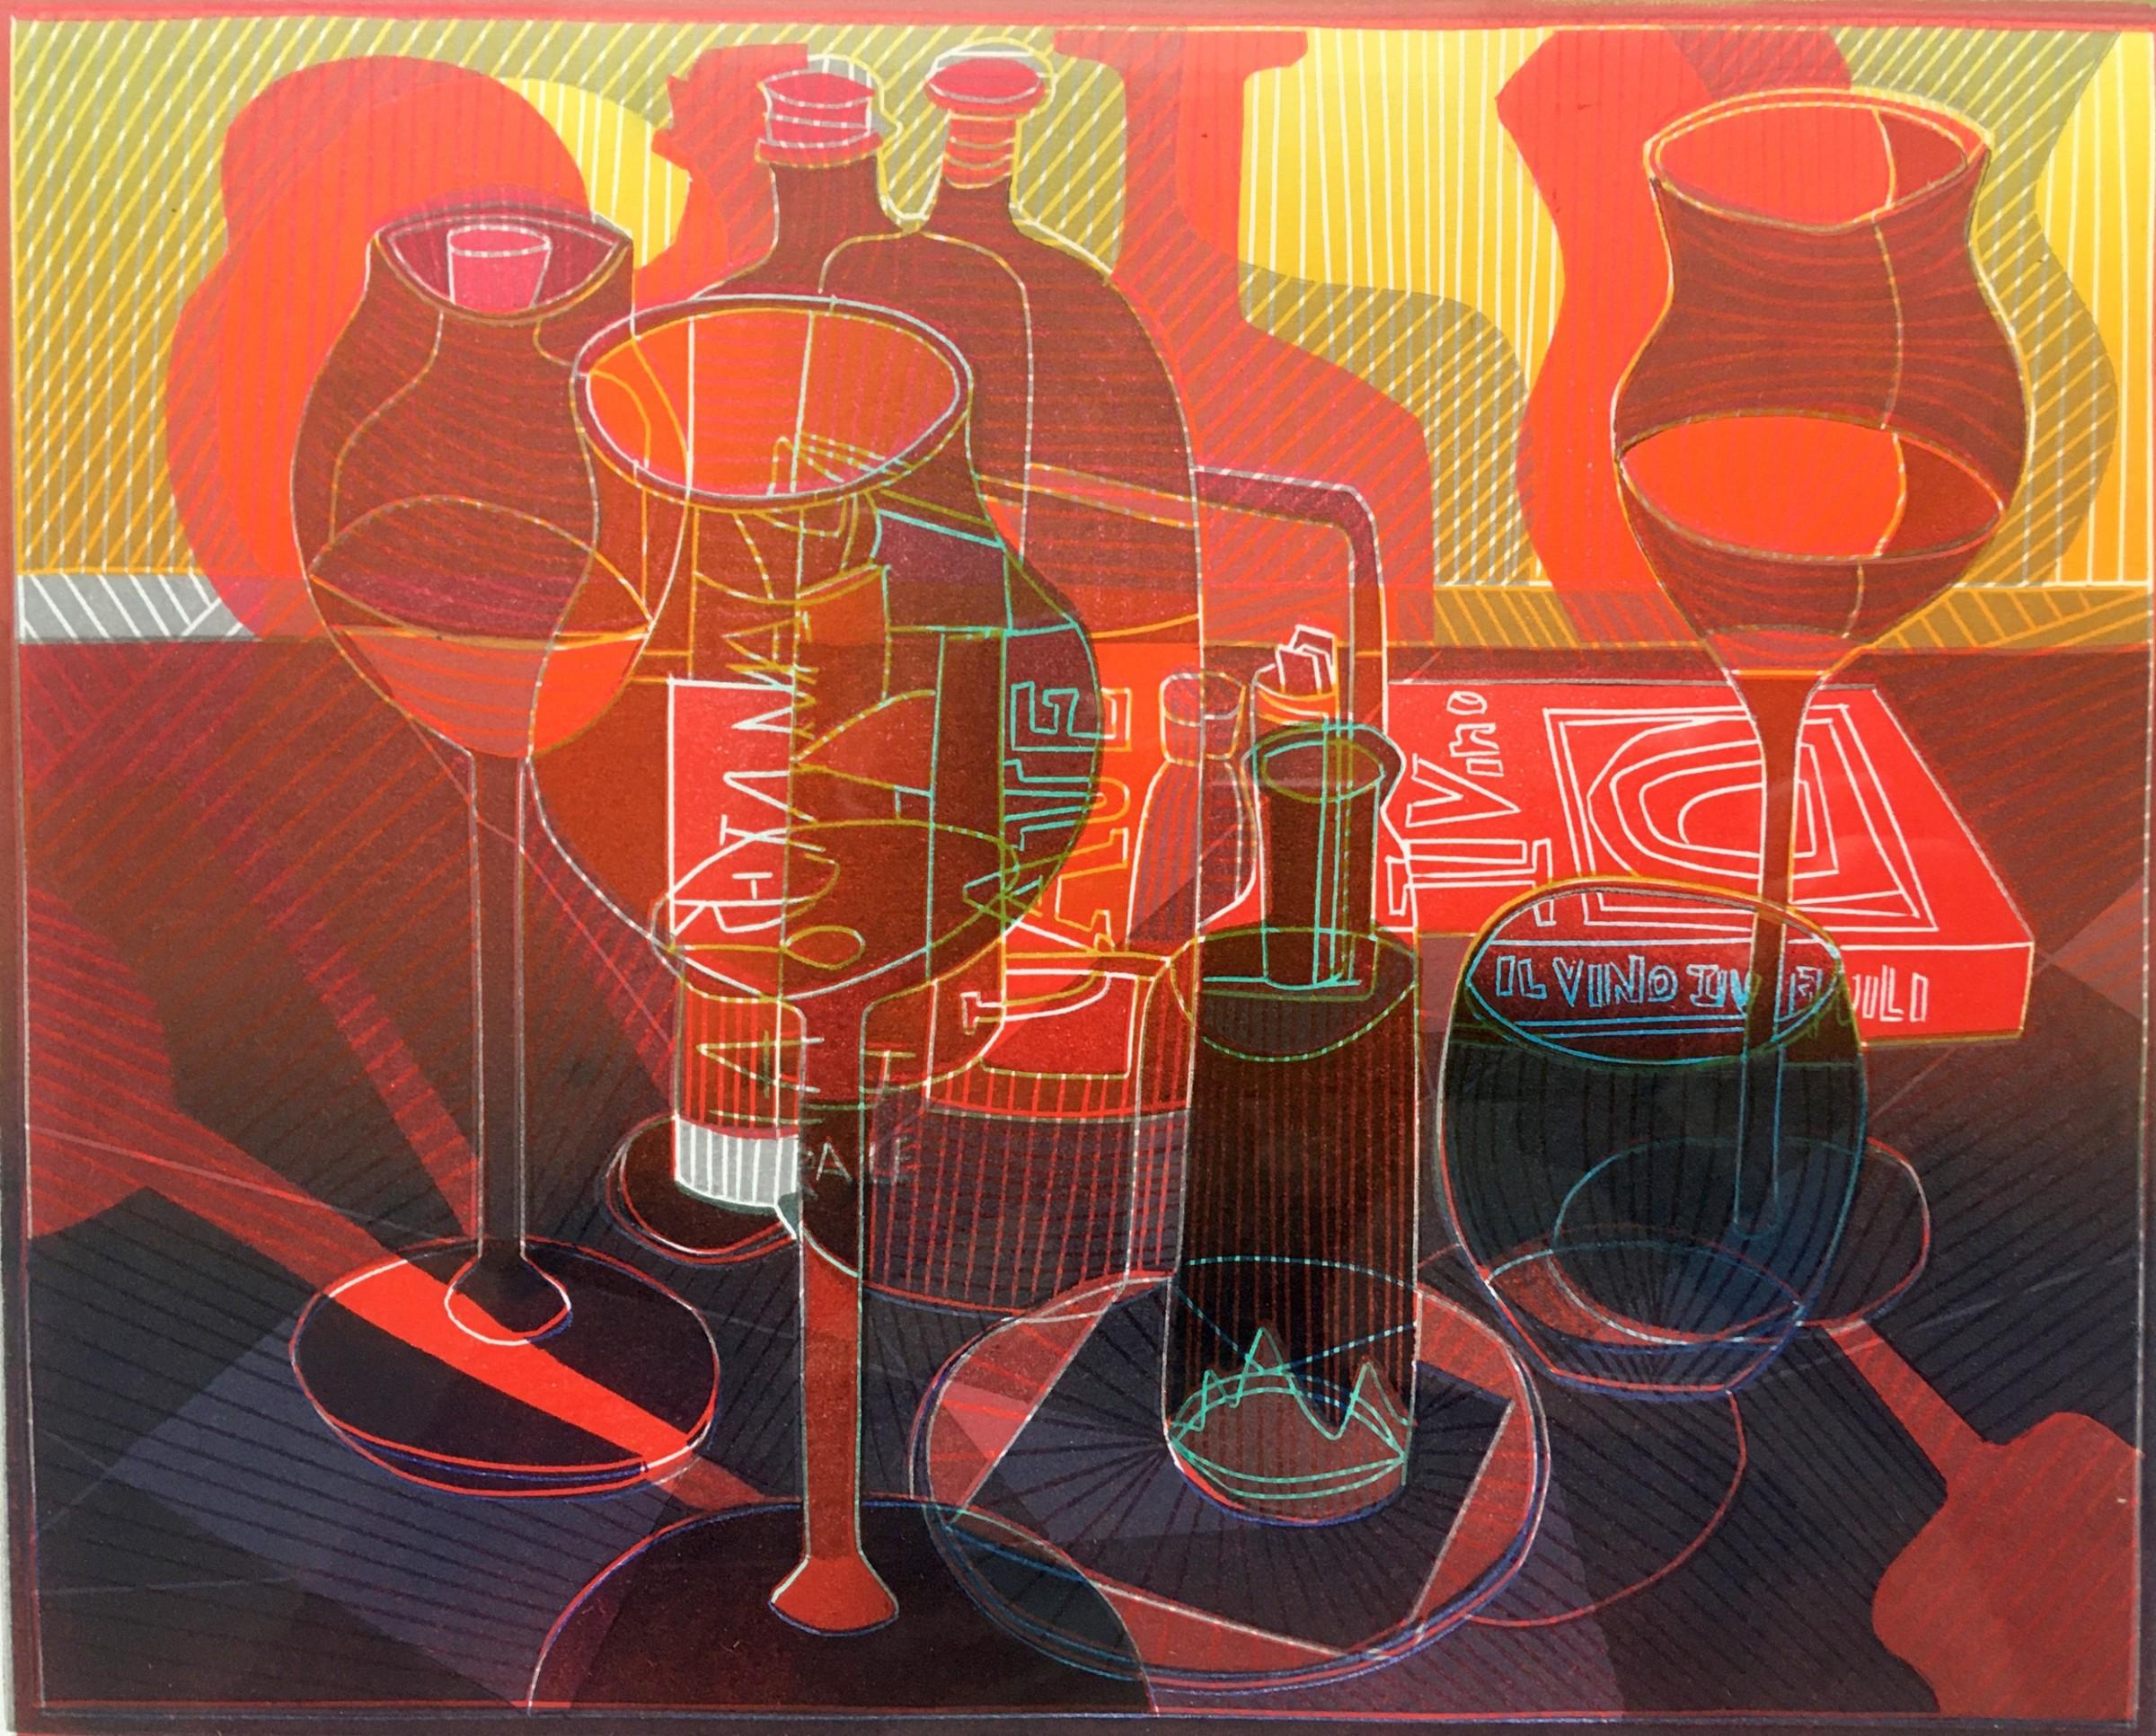 """<span class=""""link fancybox-details-link""""><a href=""""/artists/154-dale-devereux-barker-re/works/10967/"""">View Detail Page</a></span><div class=""""artist""""><span class=""""artist""""><strong>Dale Devereux Barker RE</strong></span></div><div class=""""title""""><em>A Bigger Lunch</em></div><div class=""""medium"""">linocut</div><div class=""""dimensions"""">36 x 48 cm framed size<br /> 18 x 21 cm image size</div><div class=""""edition_details"""">unique</div><div class=""""price"""">£220.00 framed<br>£180.00 unframed</div>"""